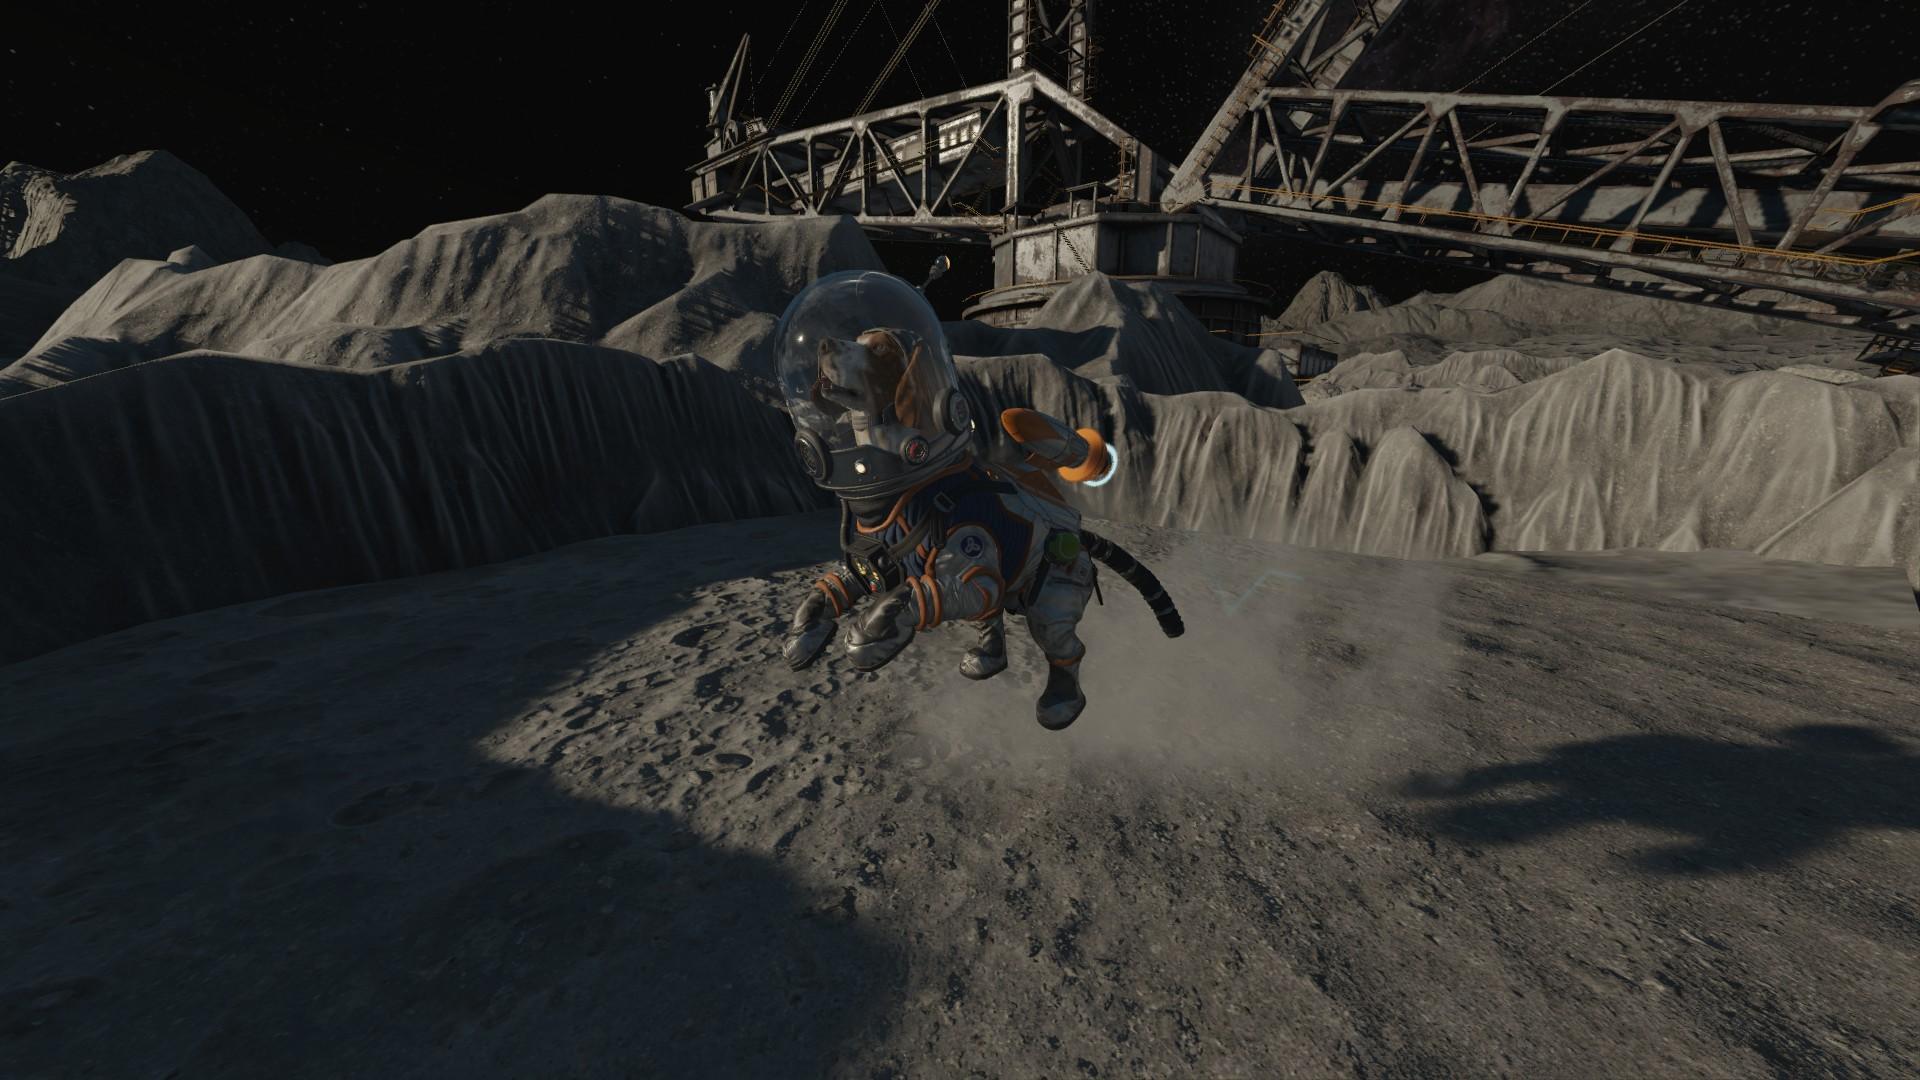 moon base call of duty - photo #46